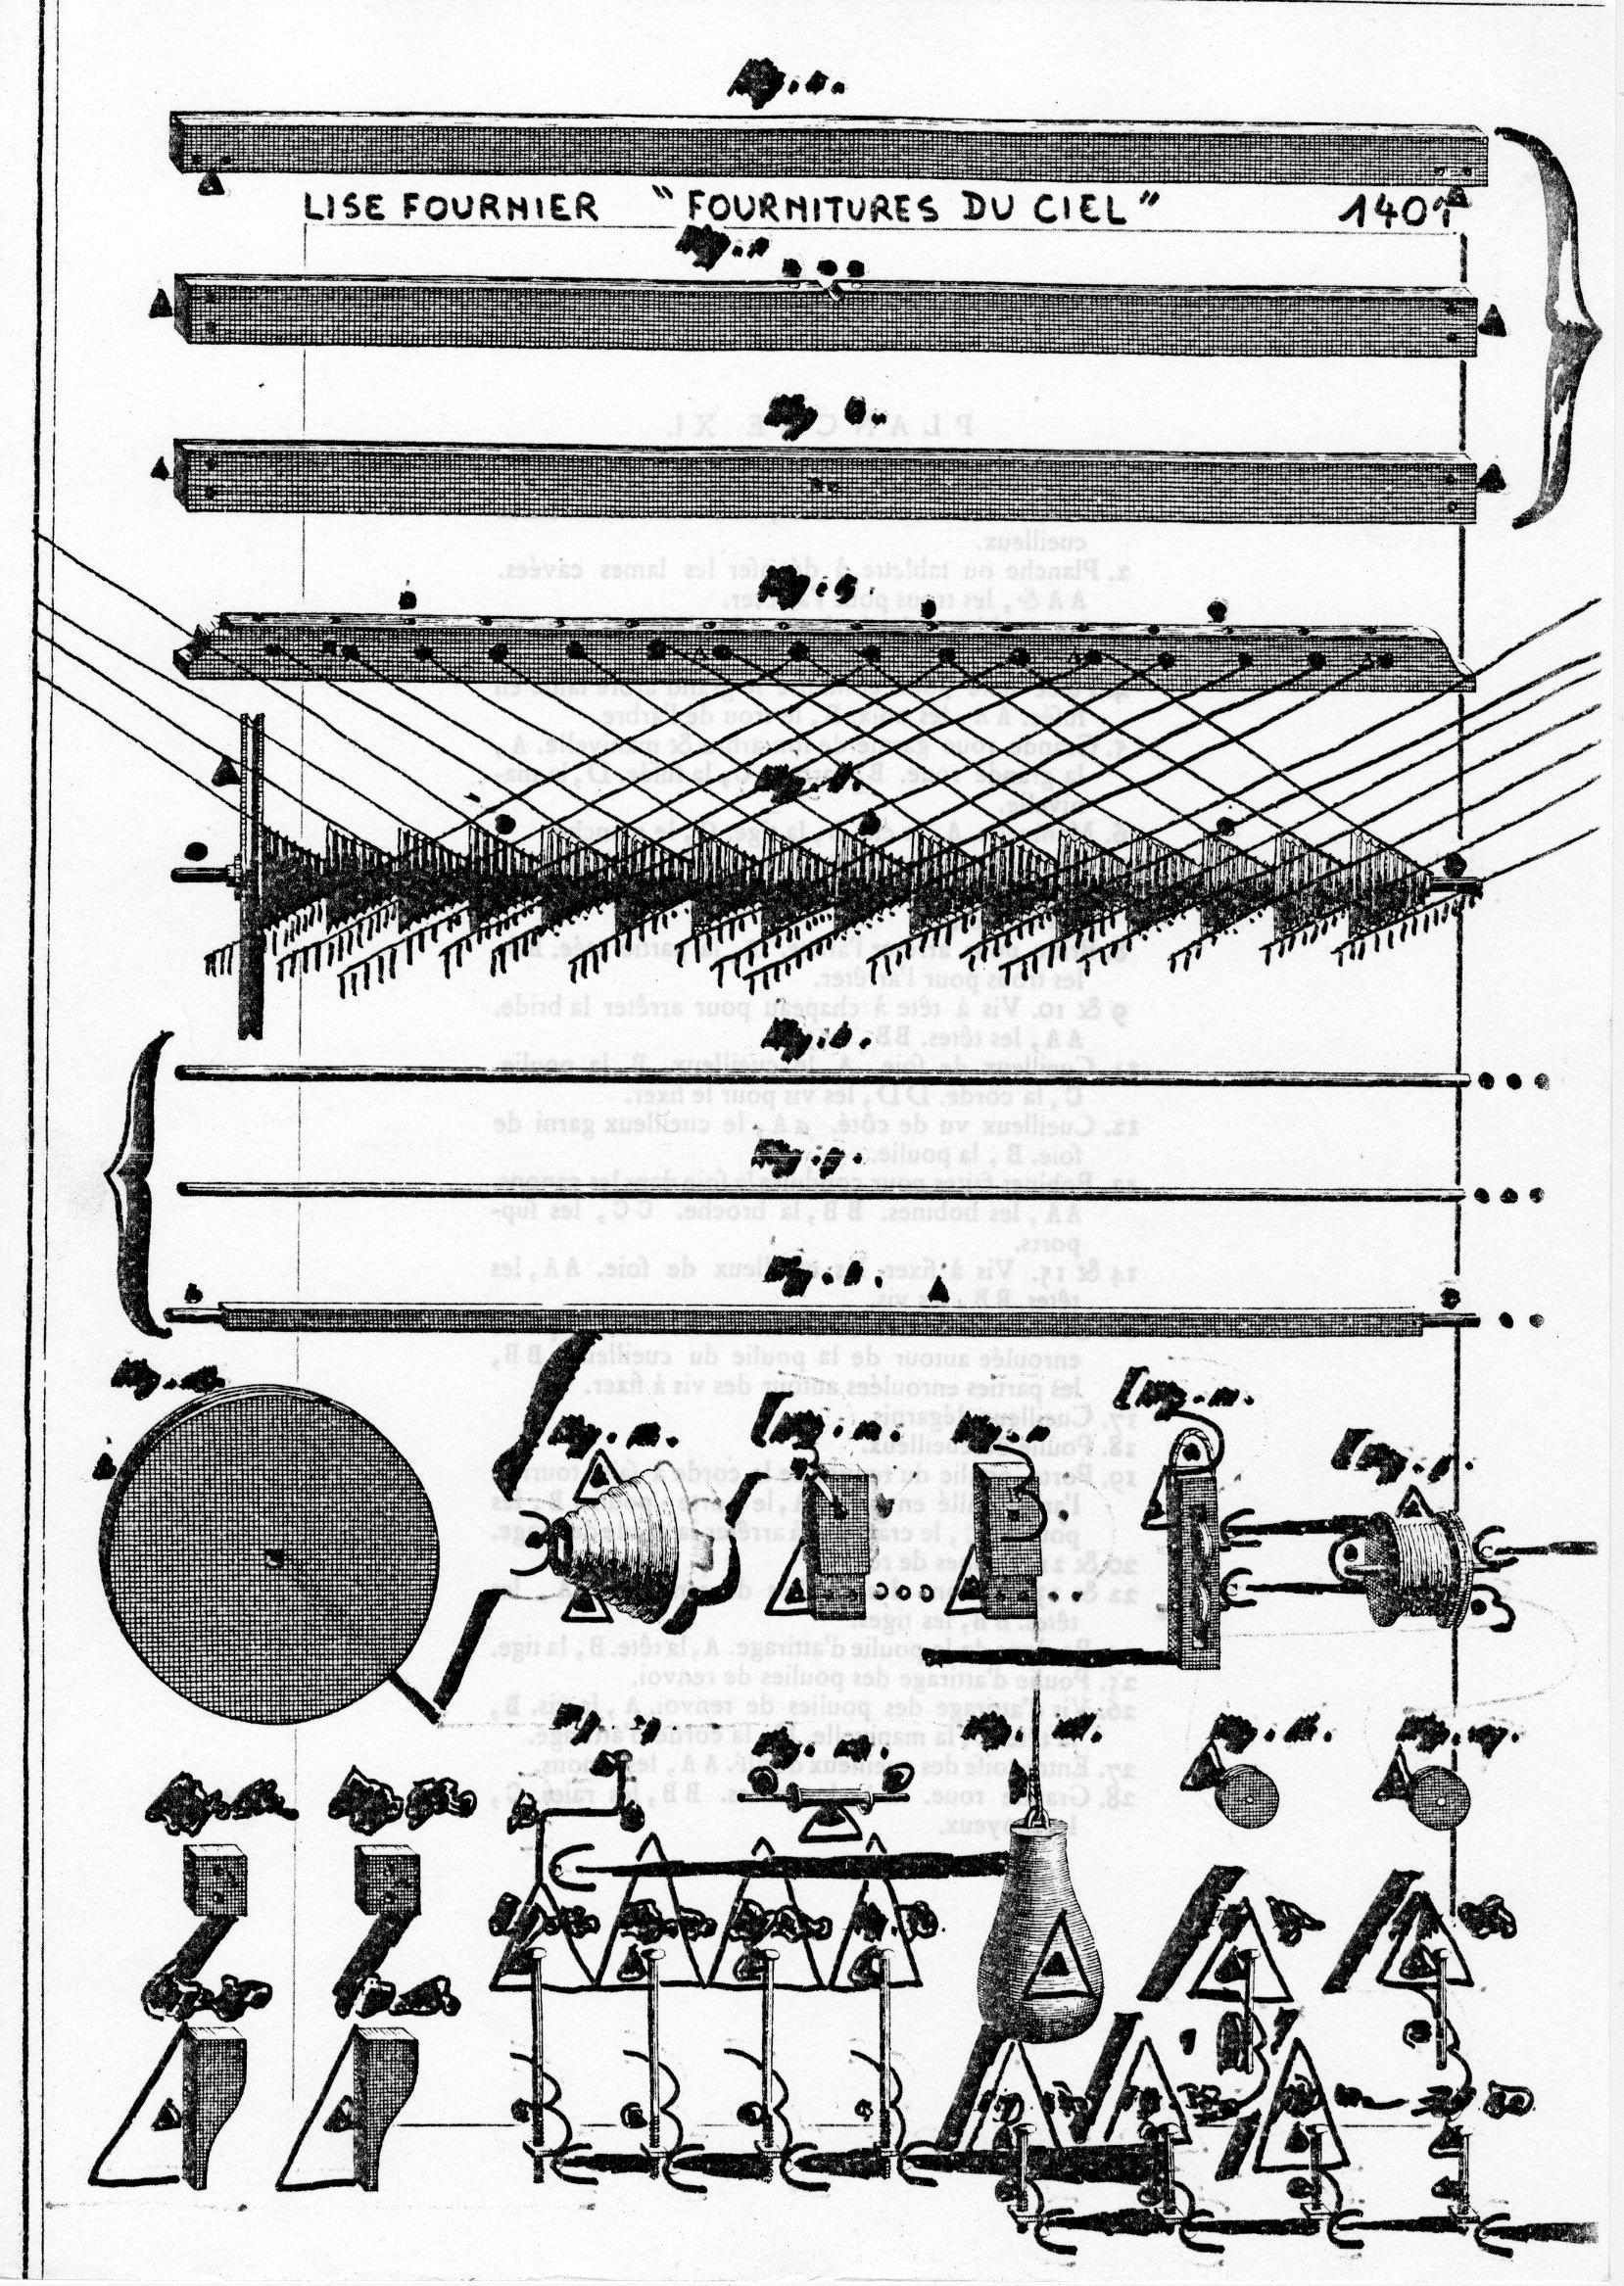 page 1401recto L. Fournier FOURNITURE DU CIEL